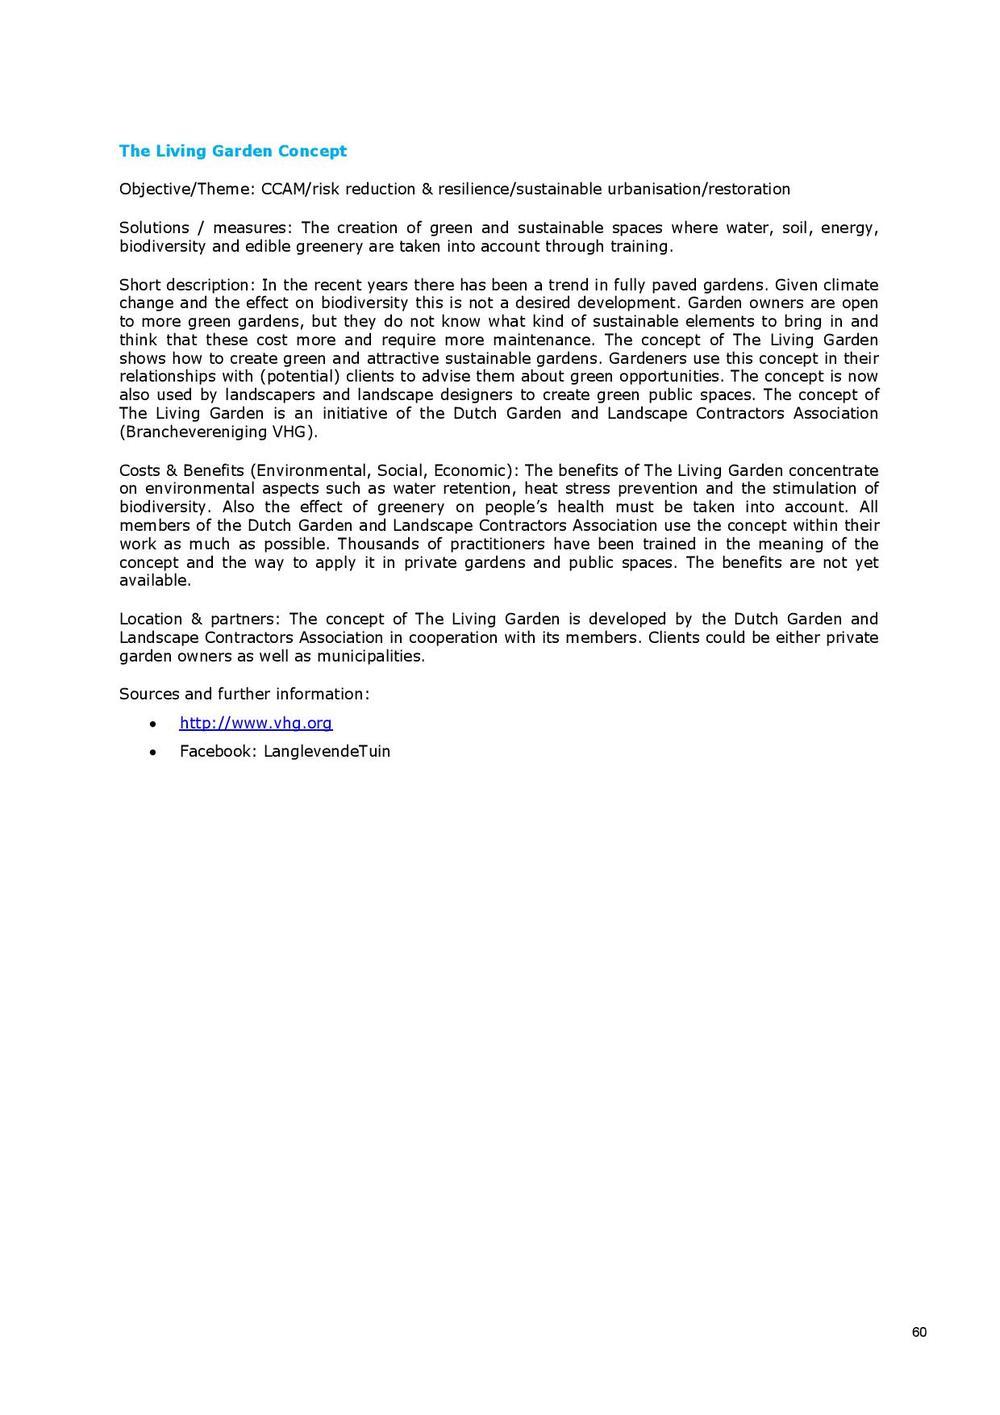 DG RTD_WEB-Publication A4_NBS_long_version_20150310-page-062.jpg